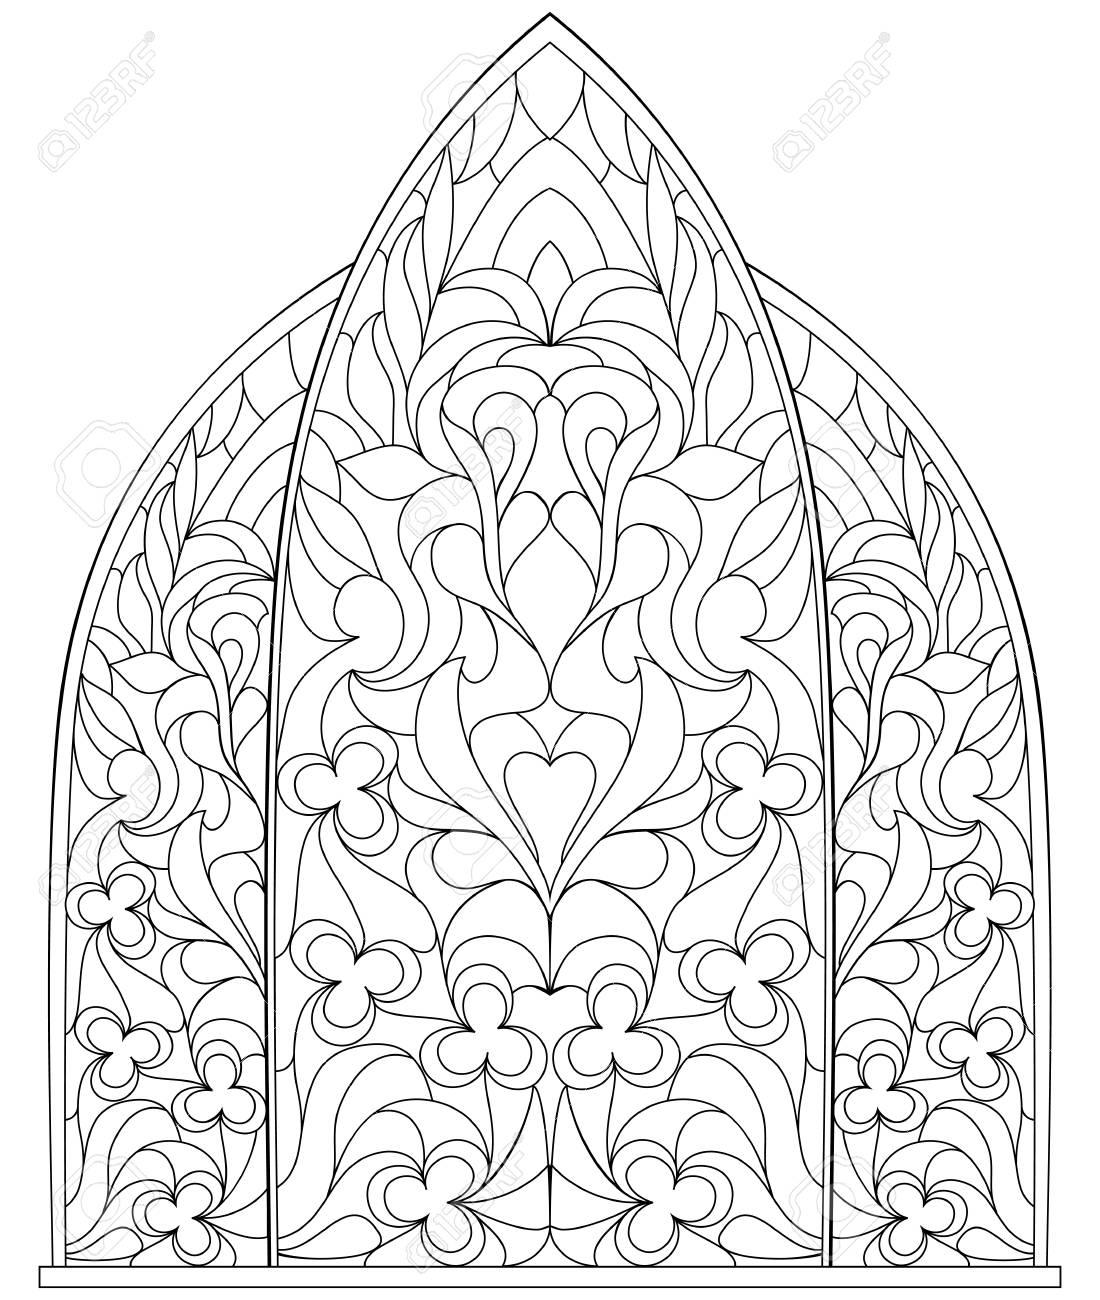 Página En Blanco Y Negro Para Colorear Para Niños Y Adultos Ventana Gótica Con Vidrieras En Estilo Medieval